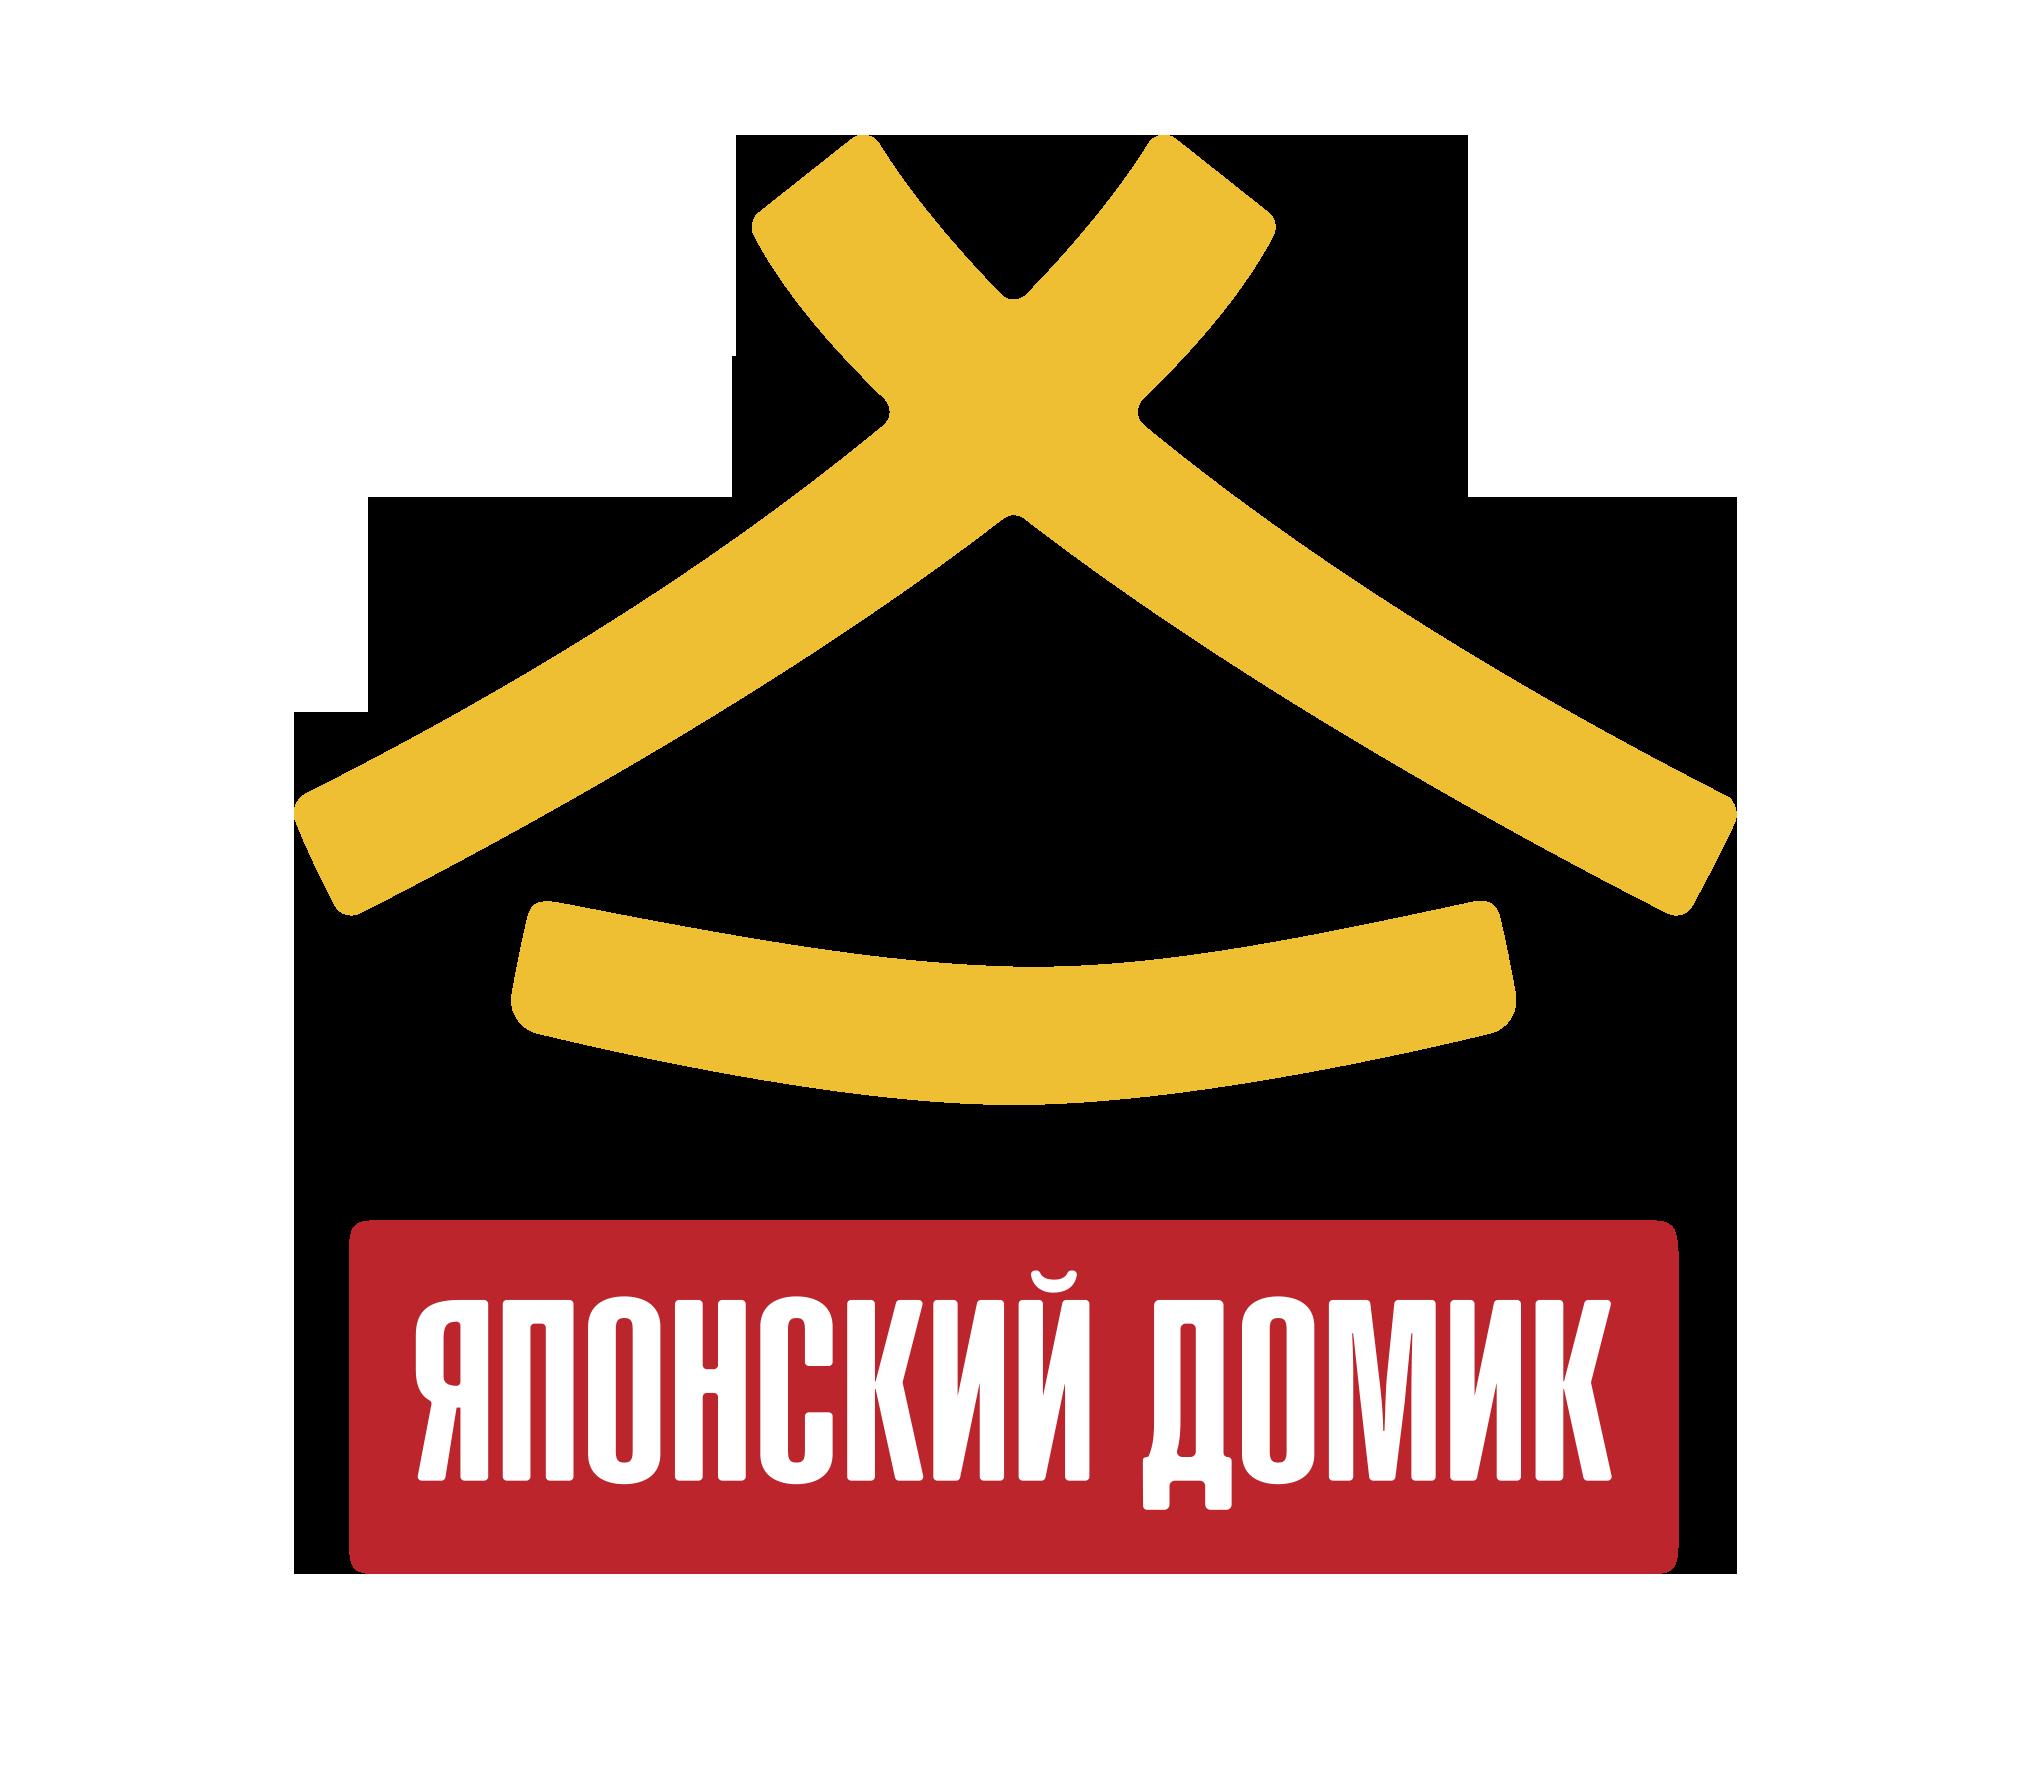 Японский домик, ,  Бердск